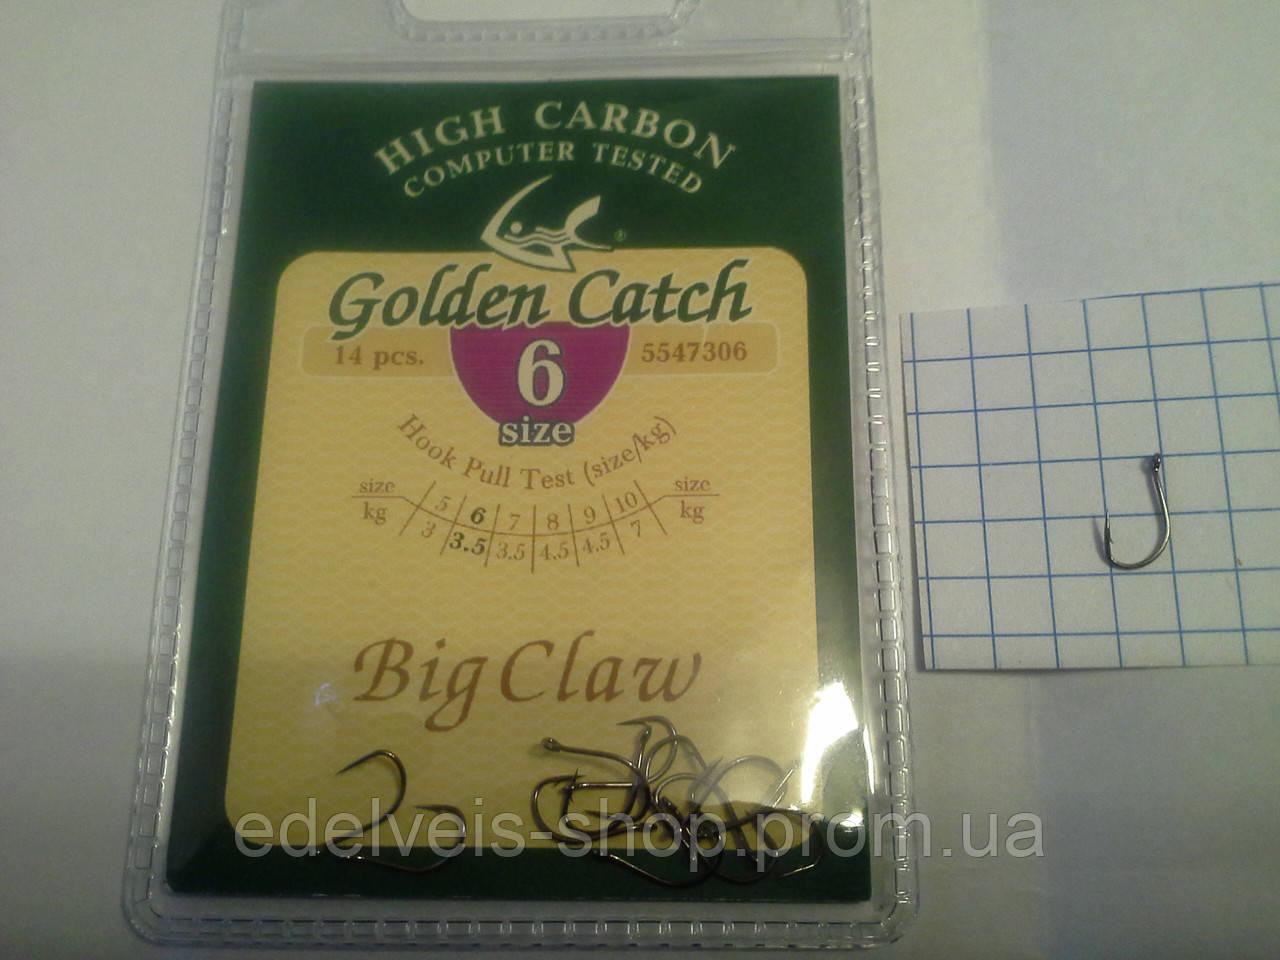 Гачки рибальські Golden Catch BIG CLAW 6